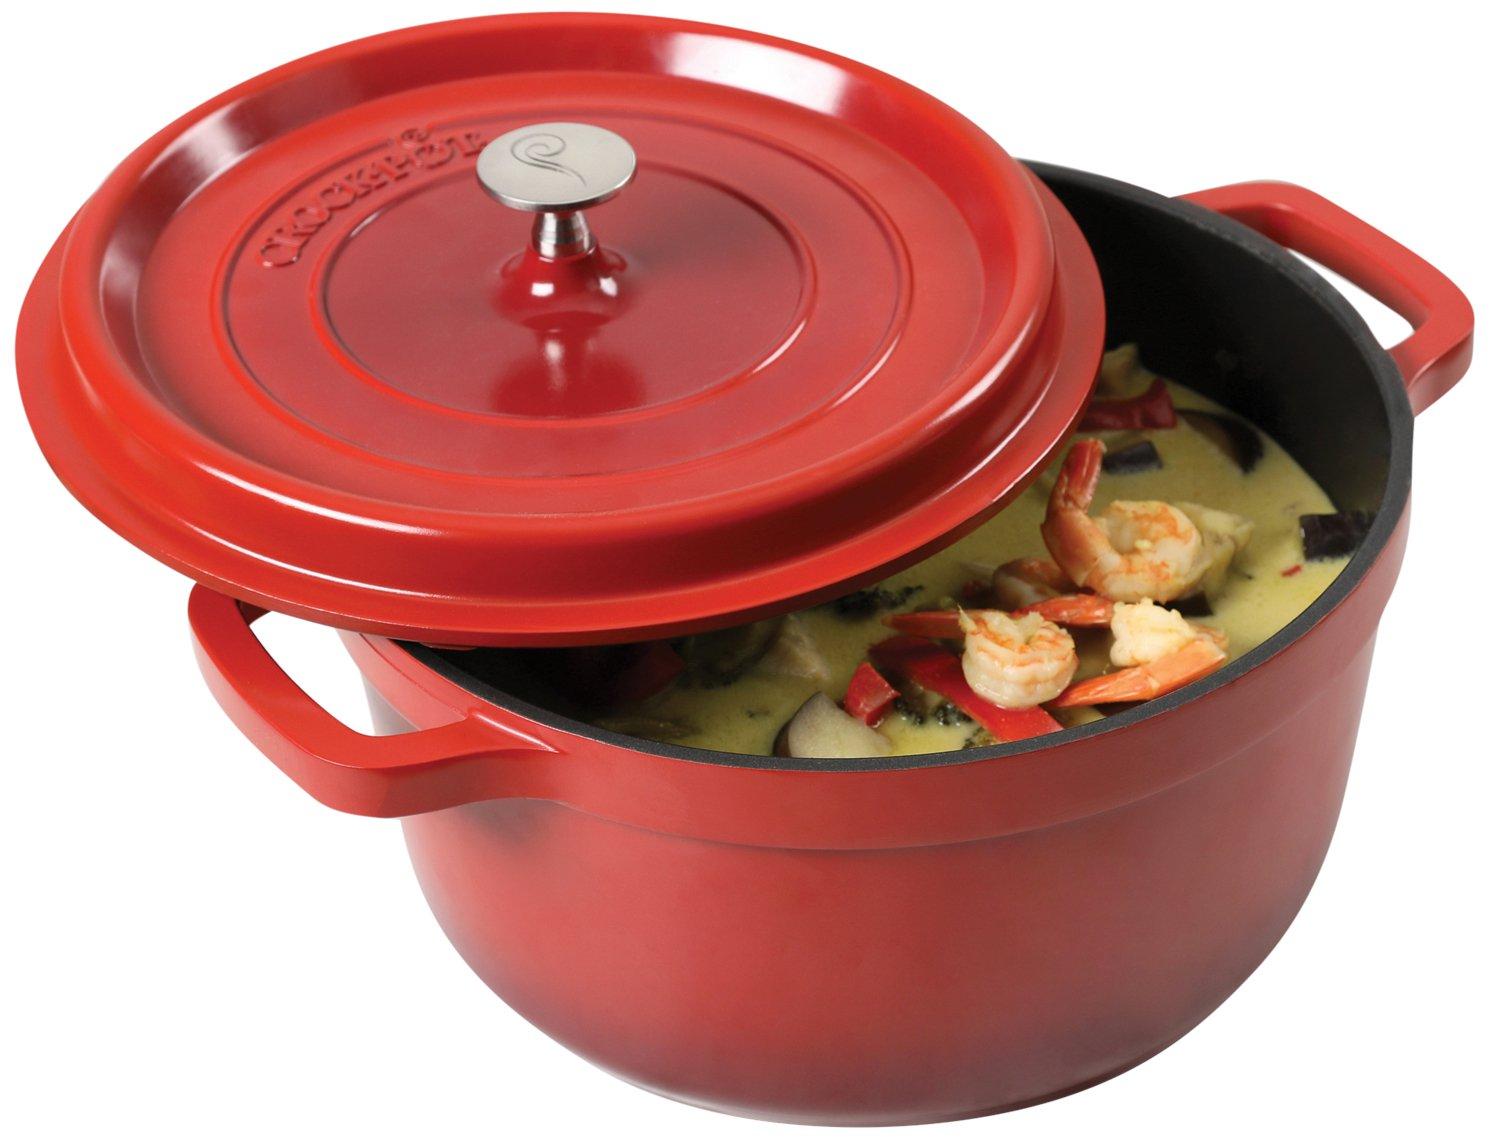 Crock Pot 79564.02 Edmound 5Quart Cast Aluminum Dutch Oven with Lid, Gradient Red